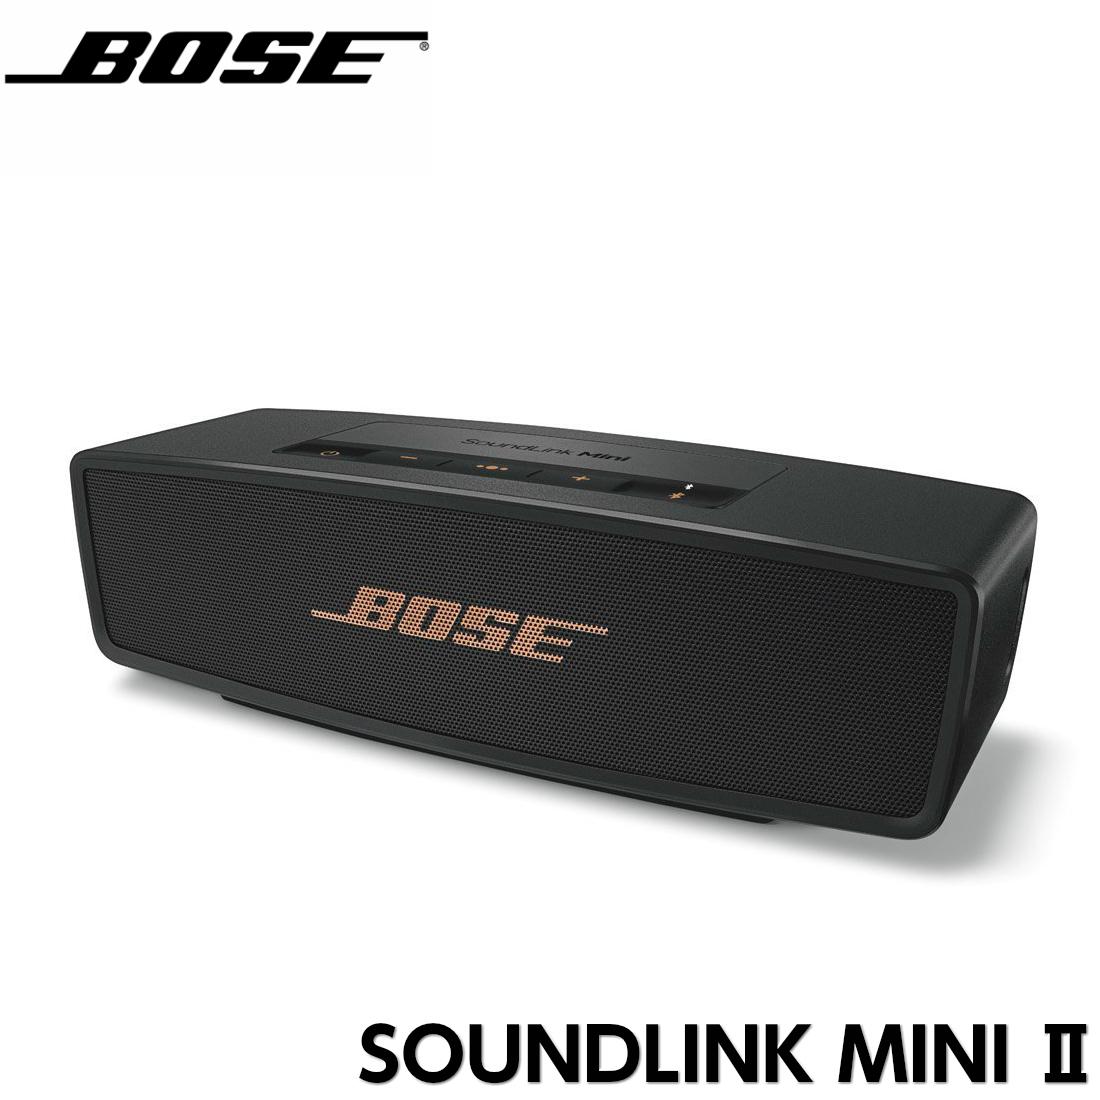 2 サウンドリンクミニ ブルートゥース サウンドリンクミニ2 BOSE Mini ワイヤレススピーカー Bluetooth SoundLink ポータブルスピーカー speaker スピーカー ボーズ